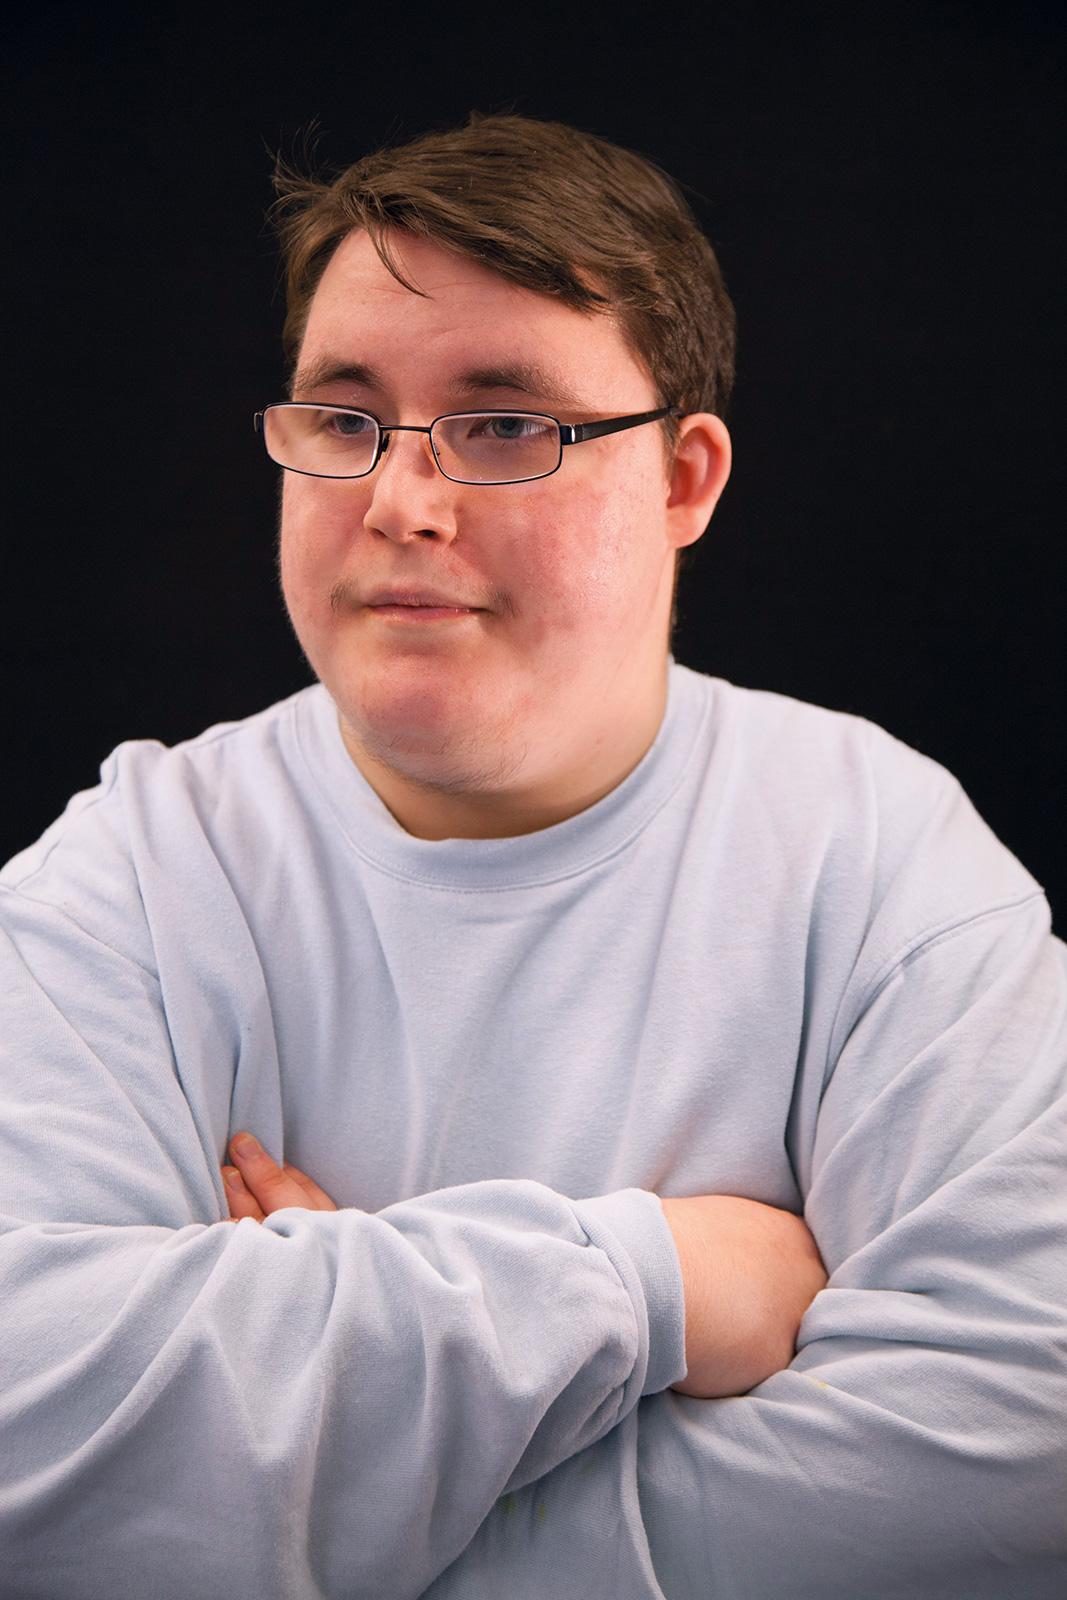 Dustin Eckhardt